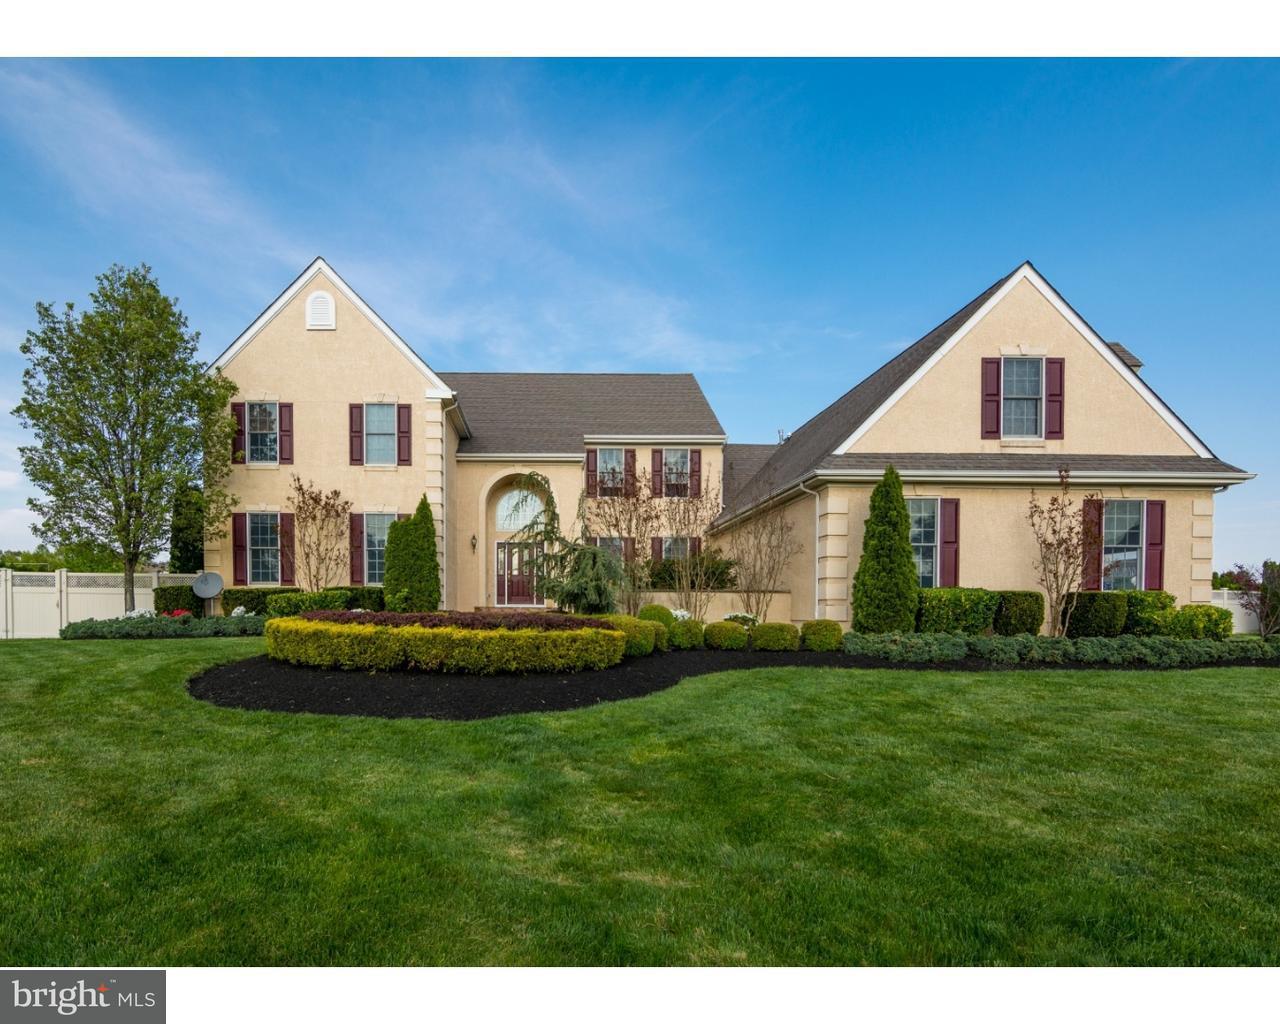 단독 가정 주택 용 매매 에 46 LINWOOD Drive Monroe, 뉴저지 08831 미국에서/약: Monroe Township